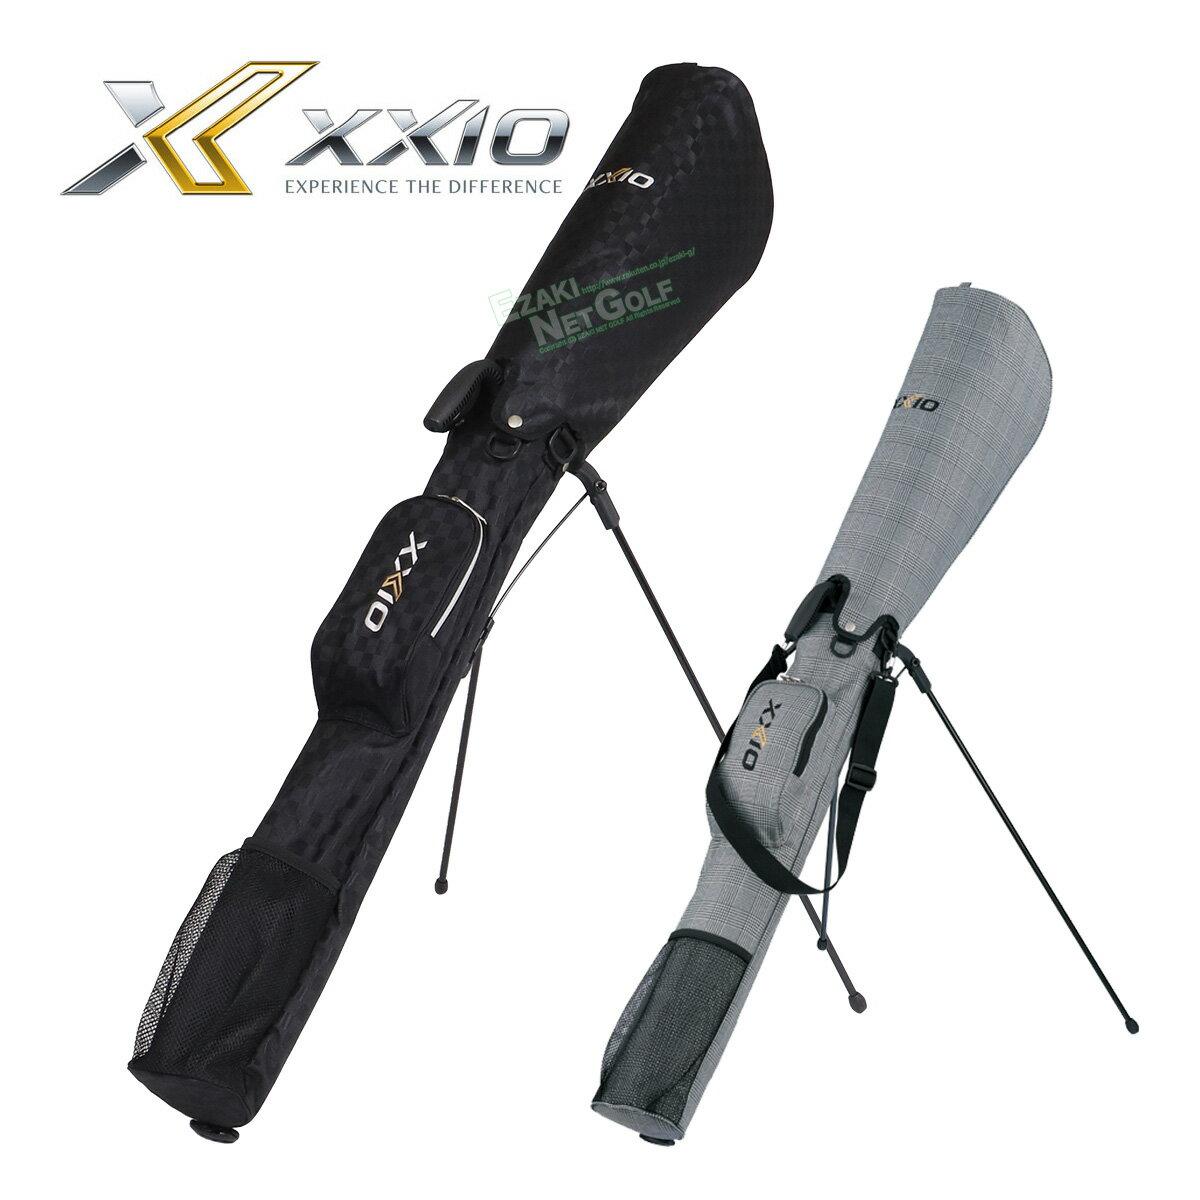 バッグ・ケース, クラブケース DUNLOP() XXIO() 2020 GGB-X129C